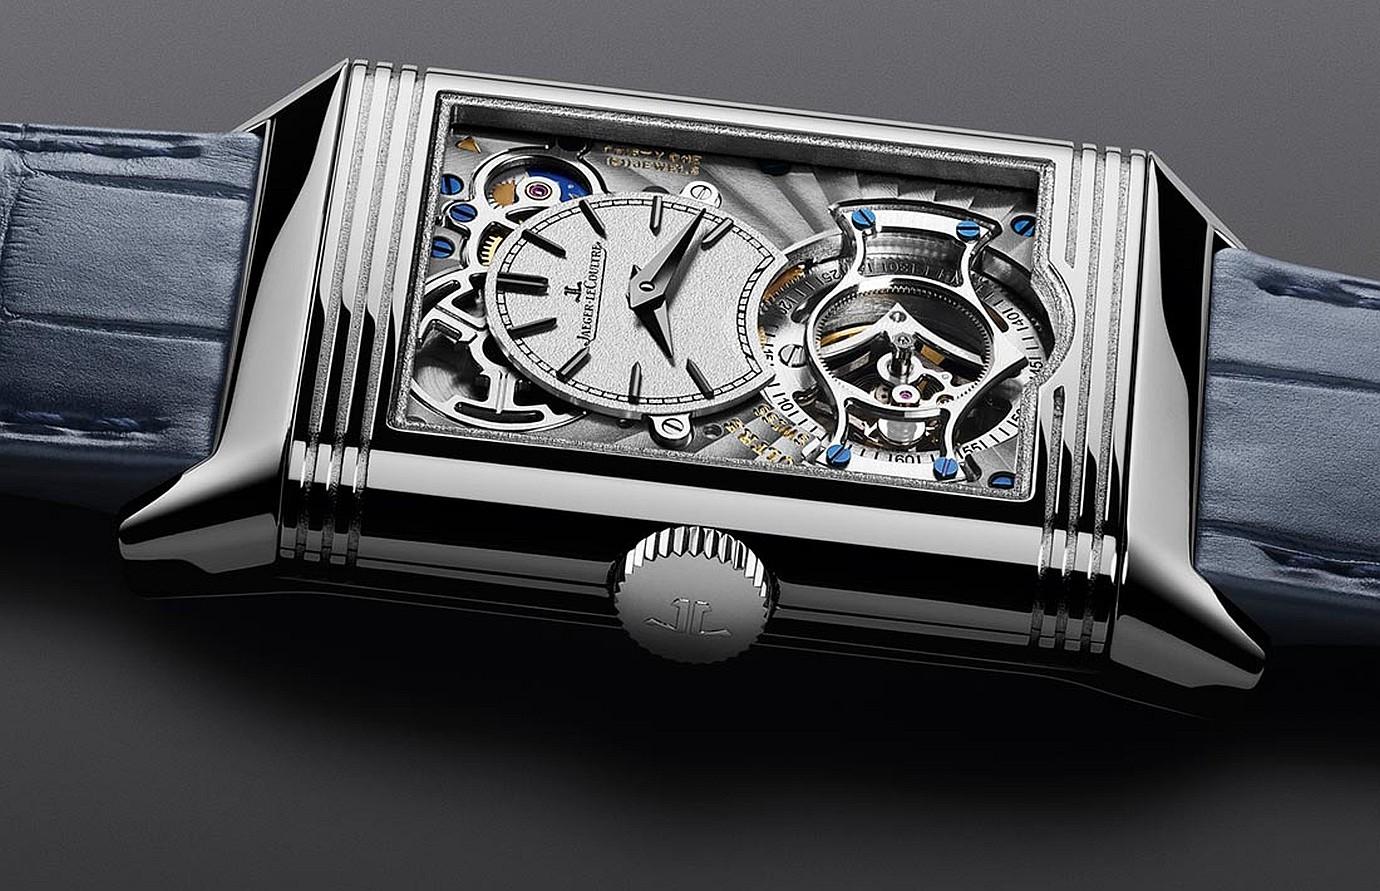 積家發表全新Reverso Tribute Tourbillon Duo雙時區陀飛輪翻轉系列腕錶